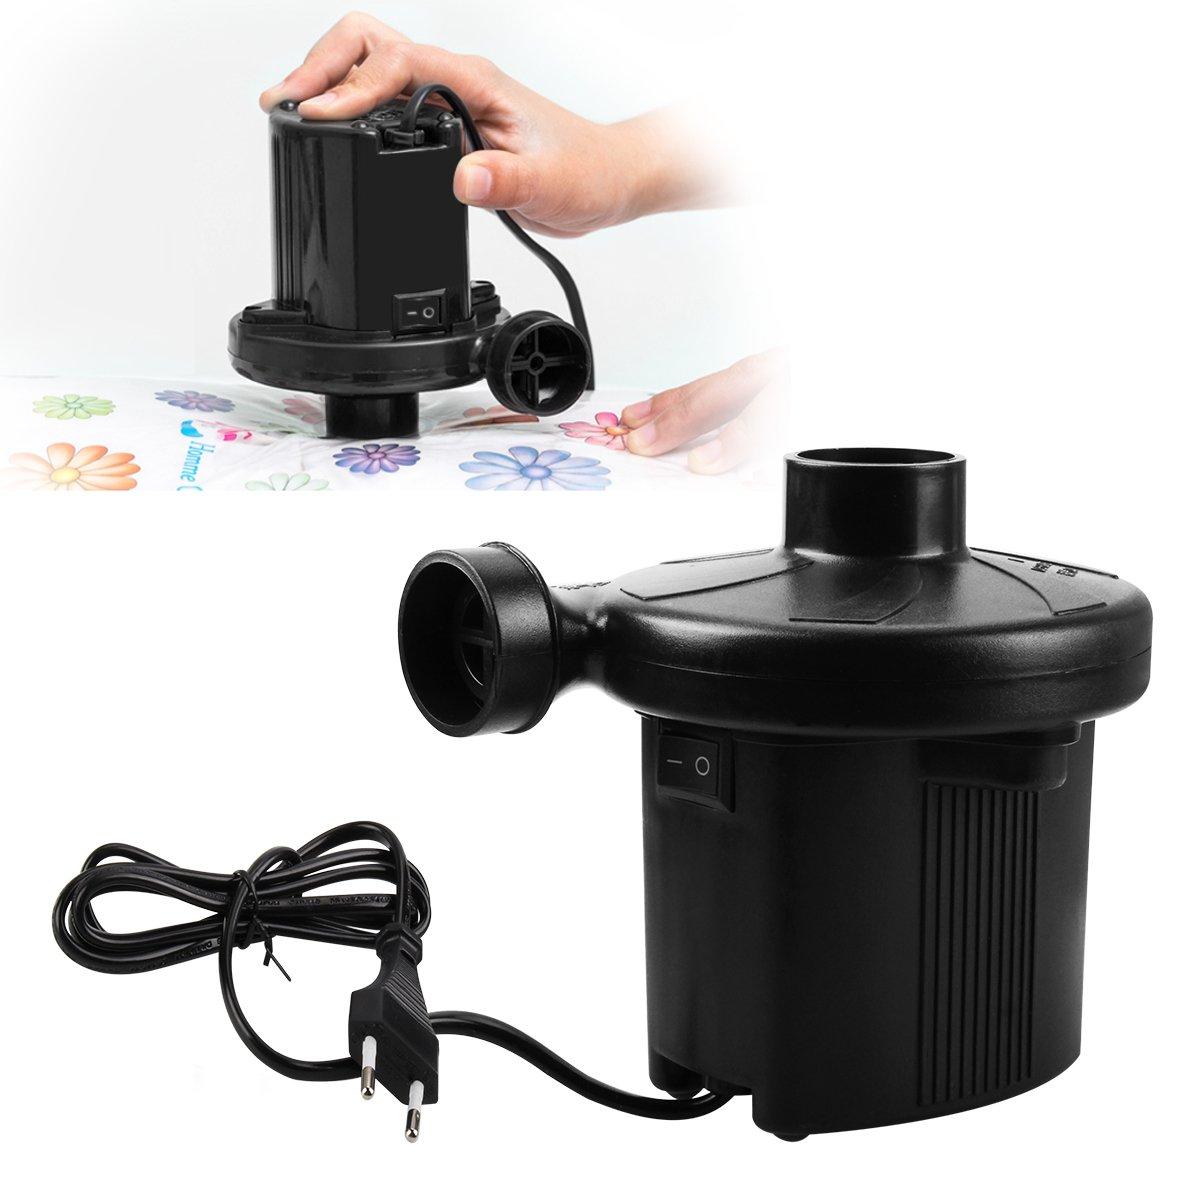 los juguetes tronisky 2 en 1 Bomba el/éctrica R/ápido Hinchar y Deshinchar con 3 adaptadores de la boquilla para Colchones de Aire Colchonetas Bomba de Aire El/éctrica